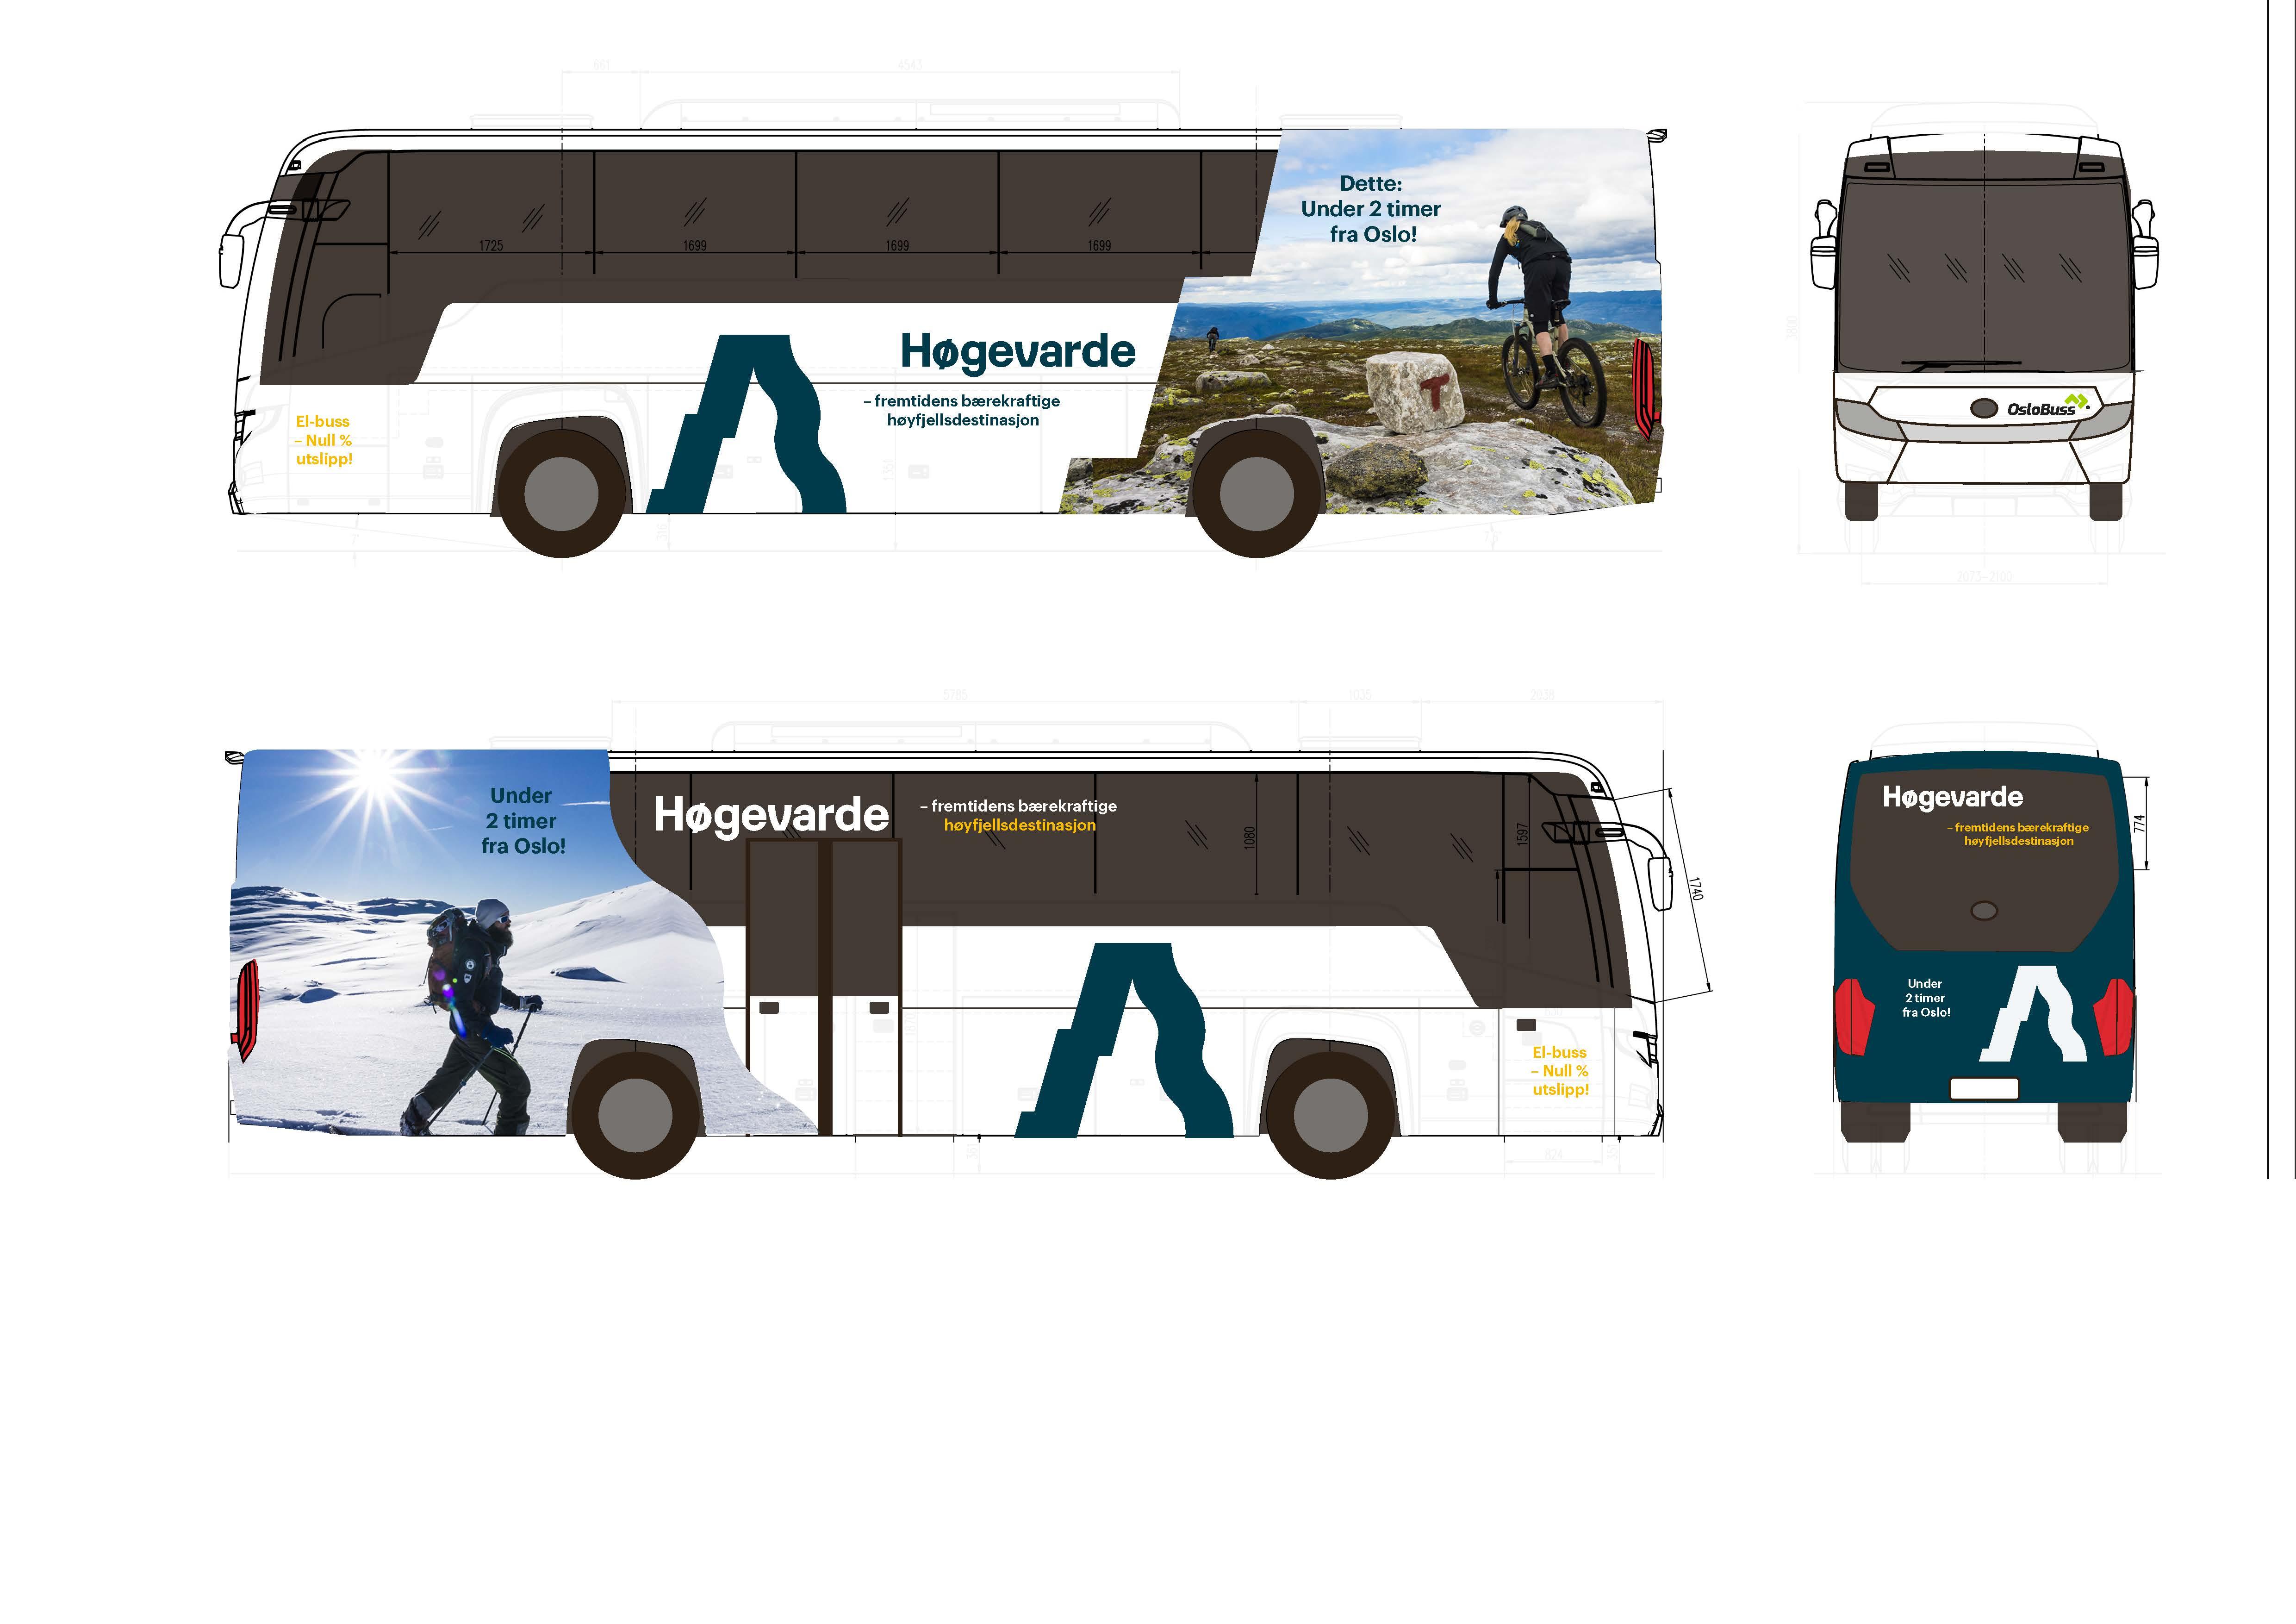 Elbuss- shuttle mellom Oslo og Høgevarde